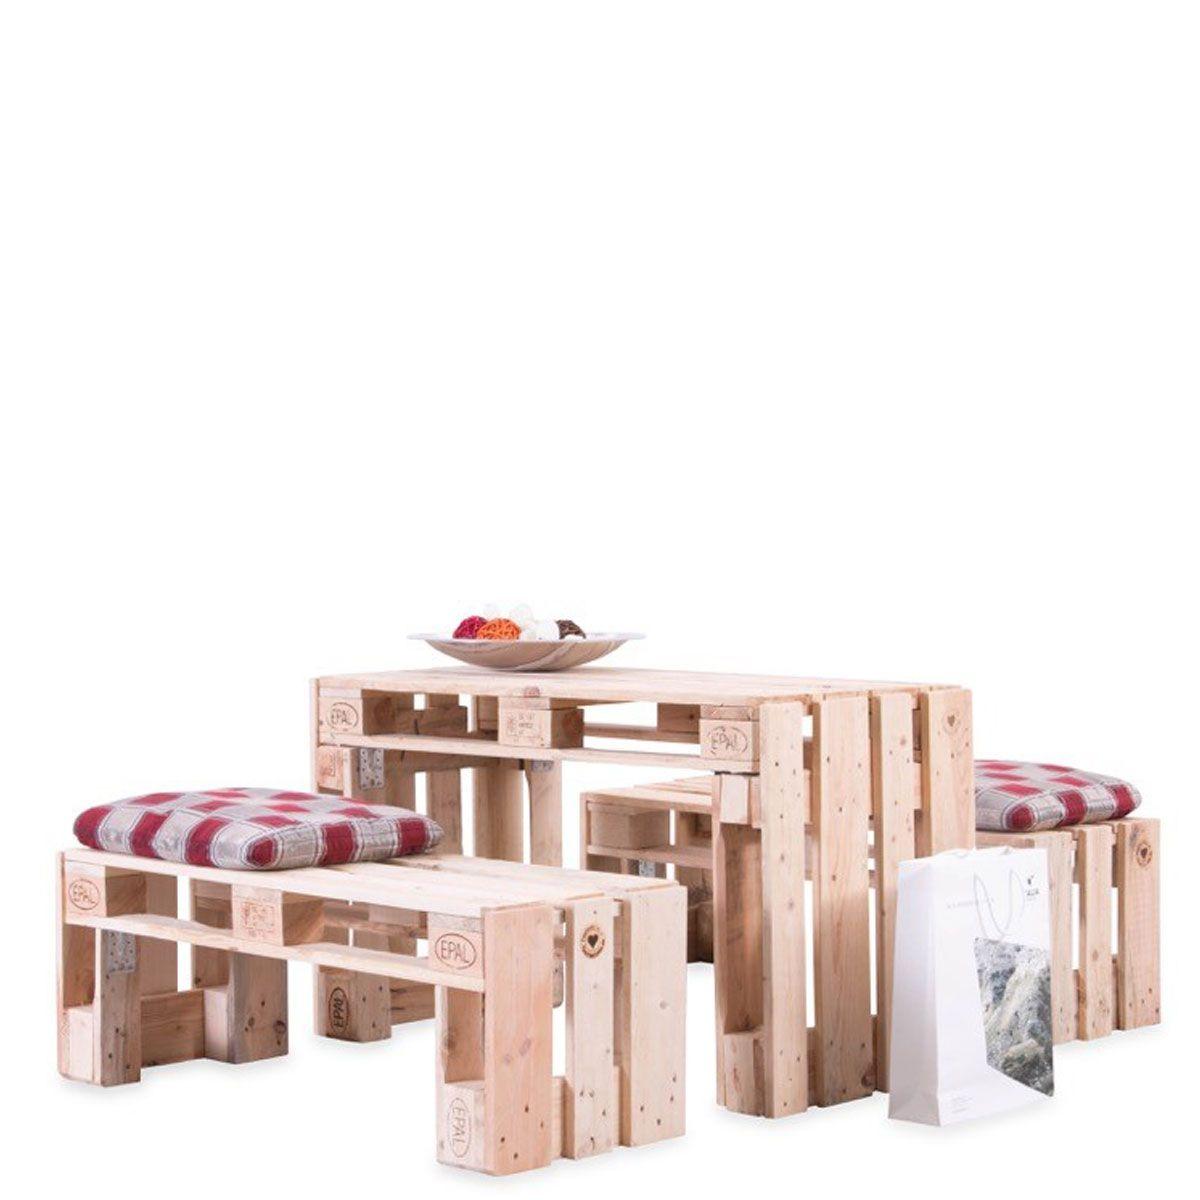 die sitzbank herrmann b, gefertigt aus neuen europaletten, bietet ... - Gartenmobel Ideen Innen